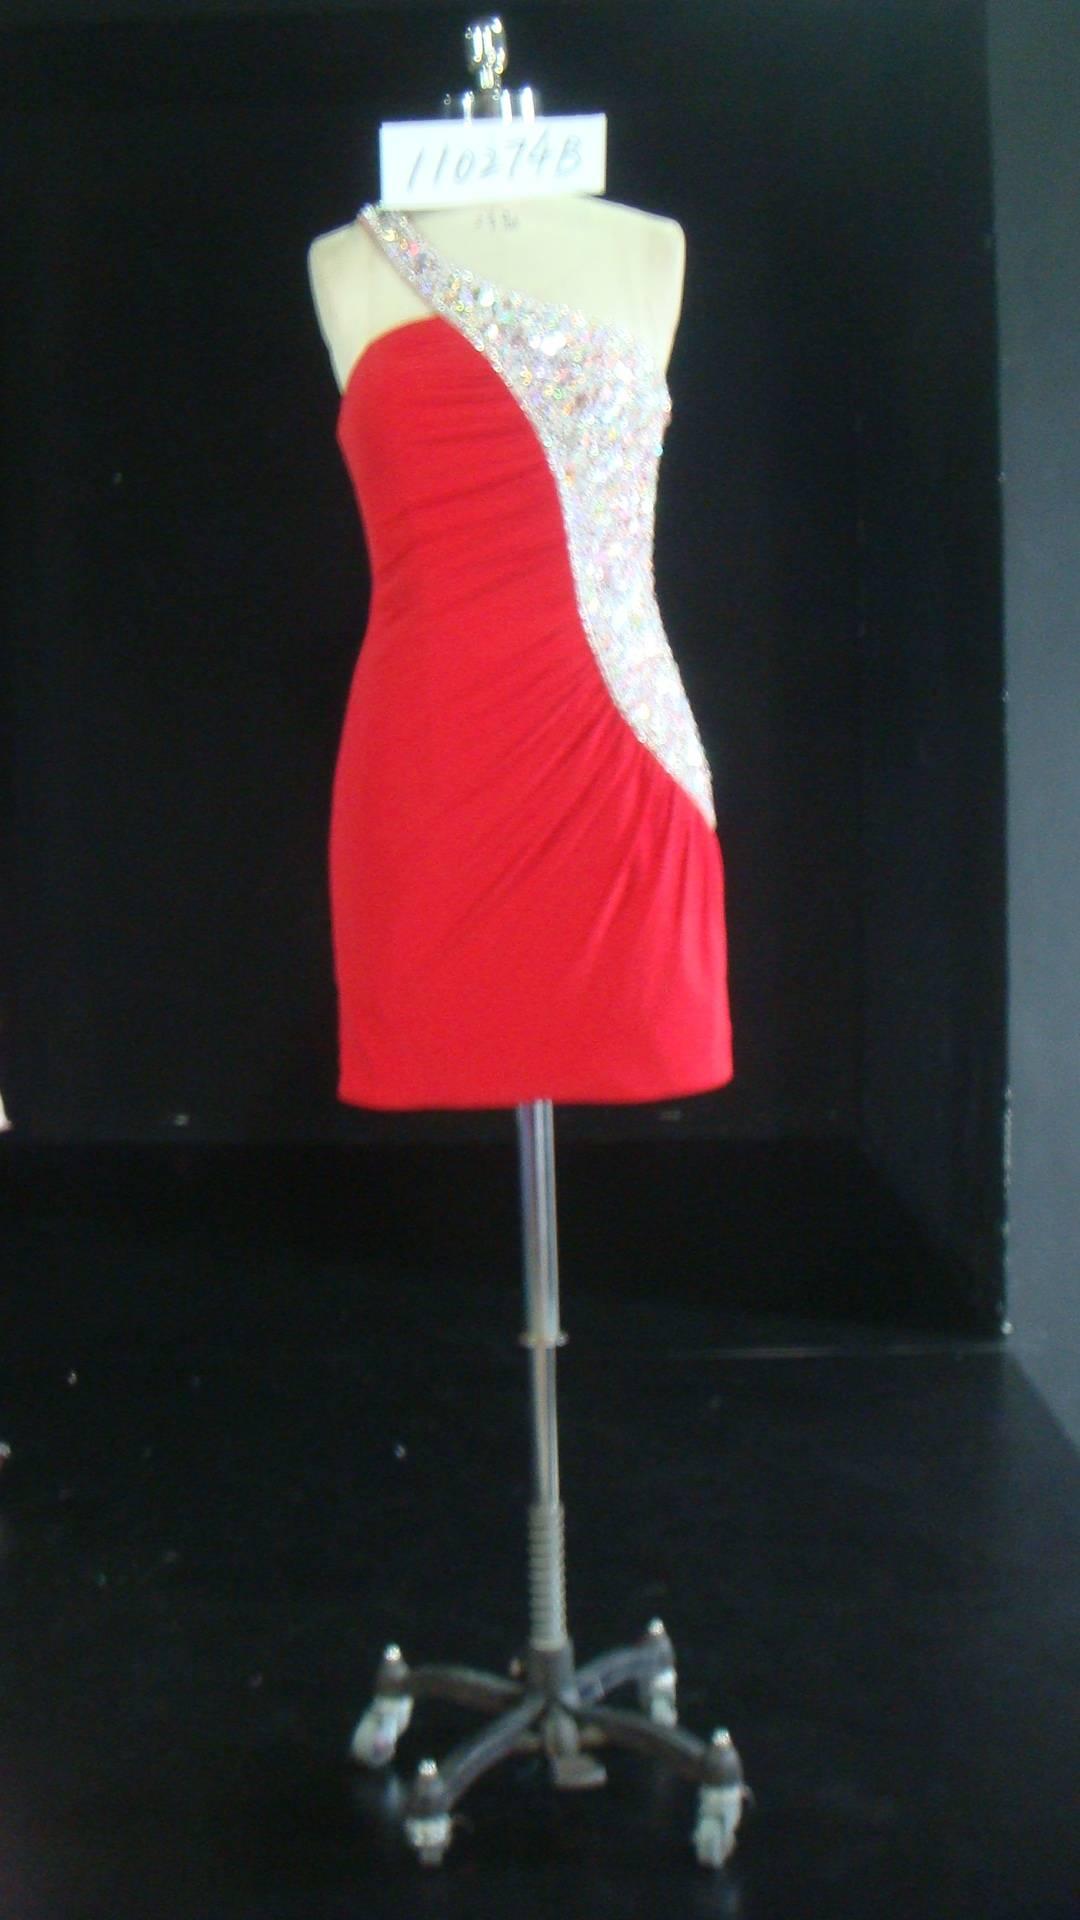 Geraffte rote Halfter Cocktailkleider - Darius Cordell Fashion Ltd